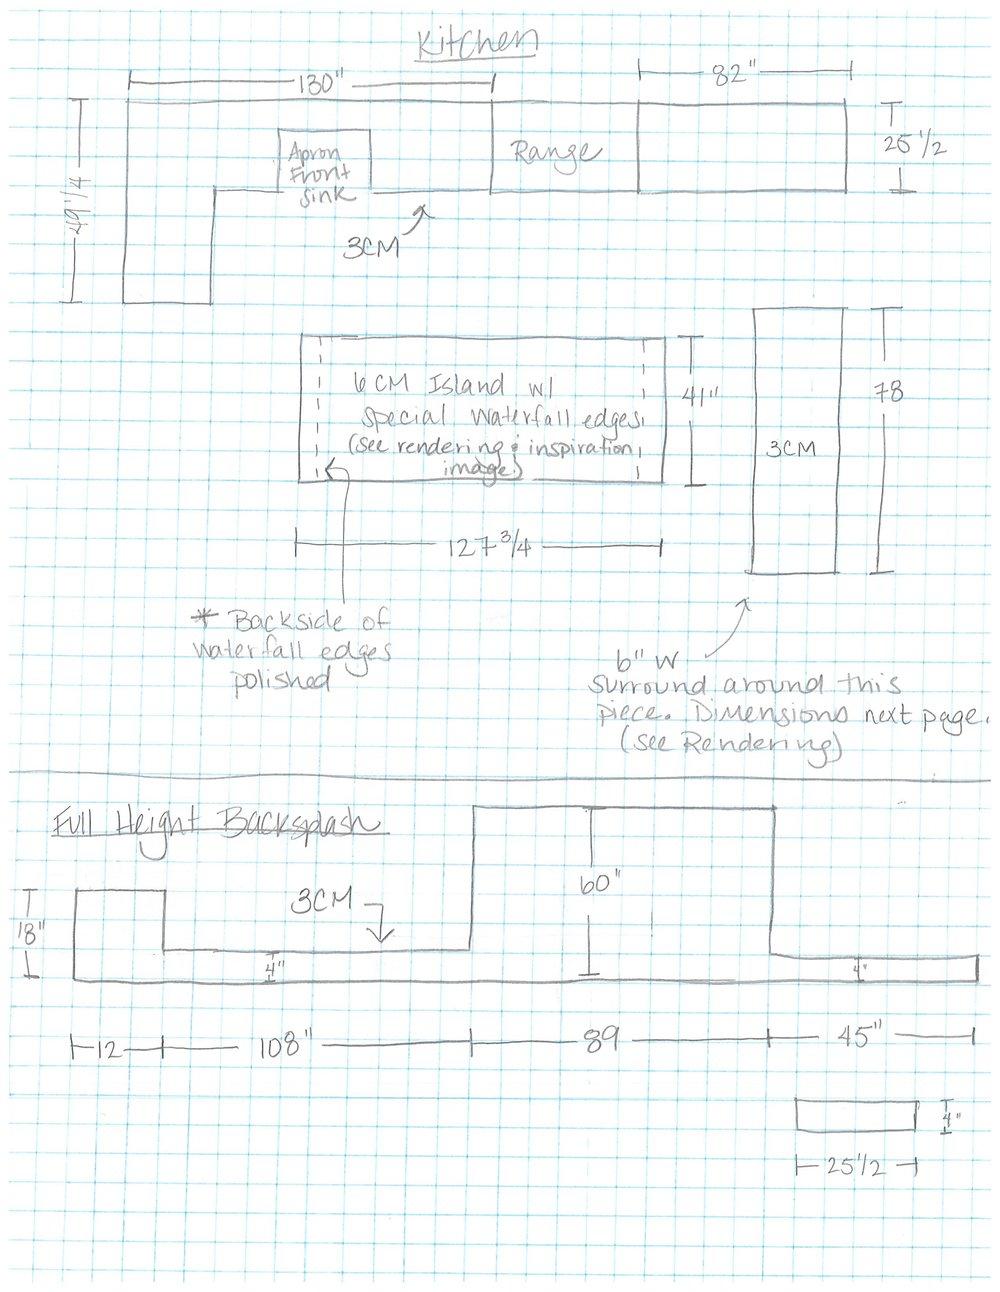 Countertop Dimensions1.jpg